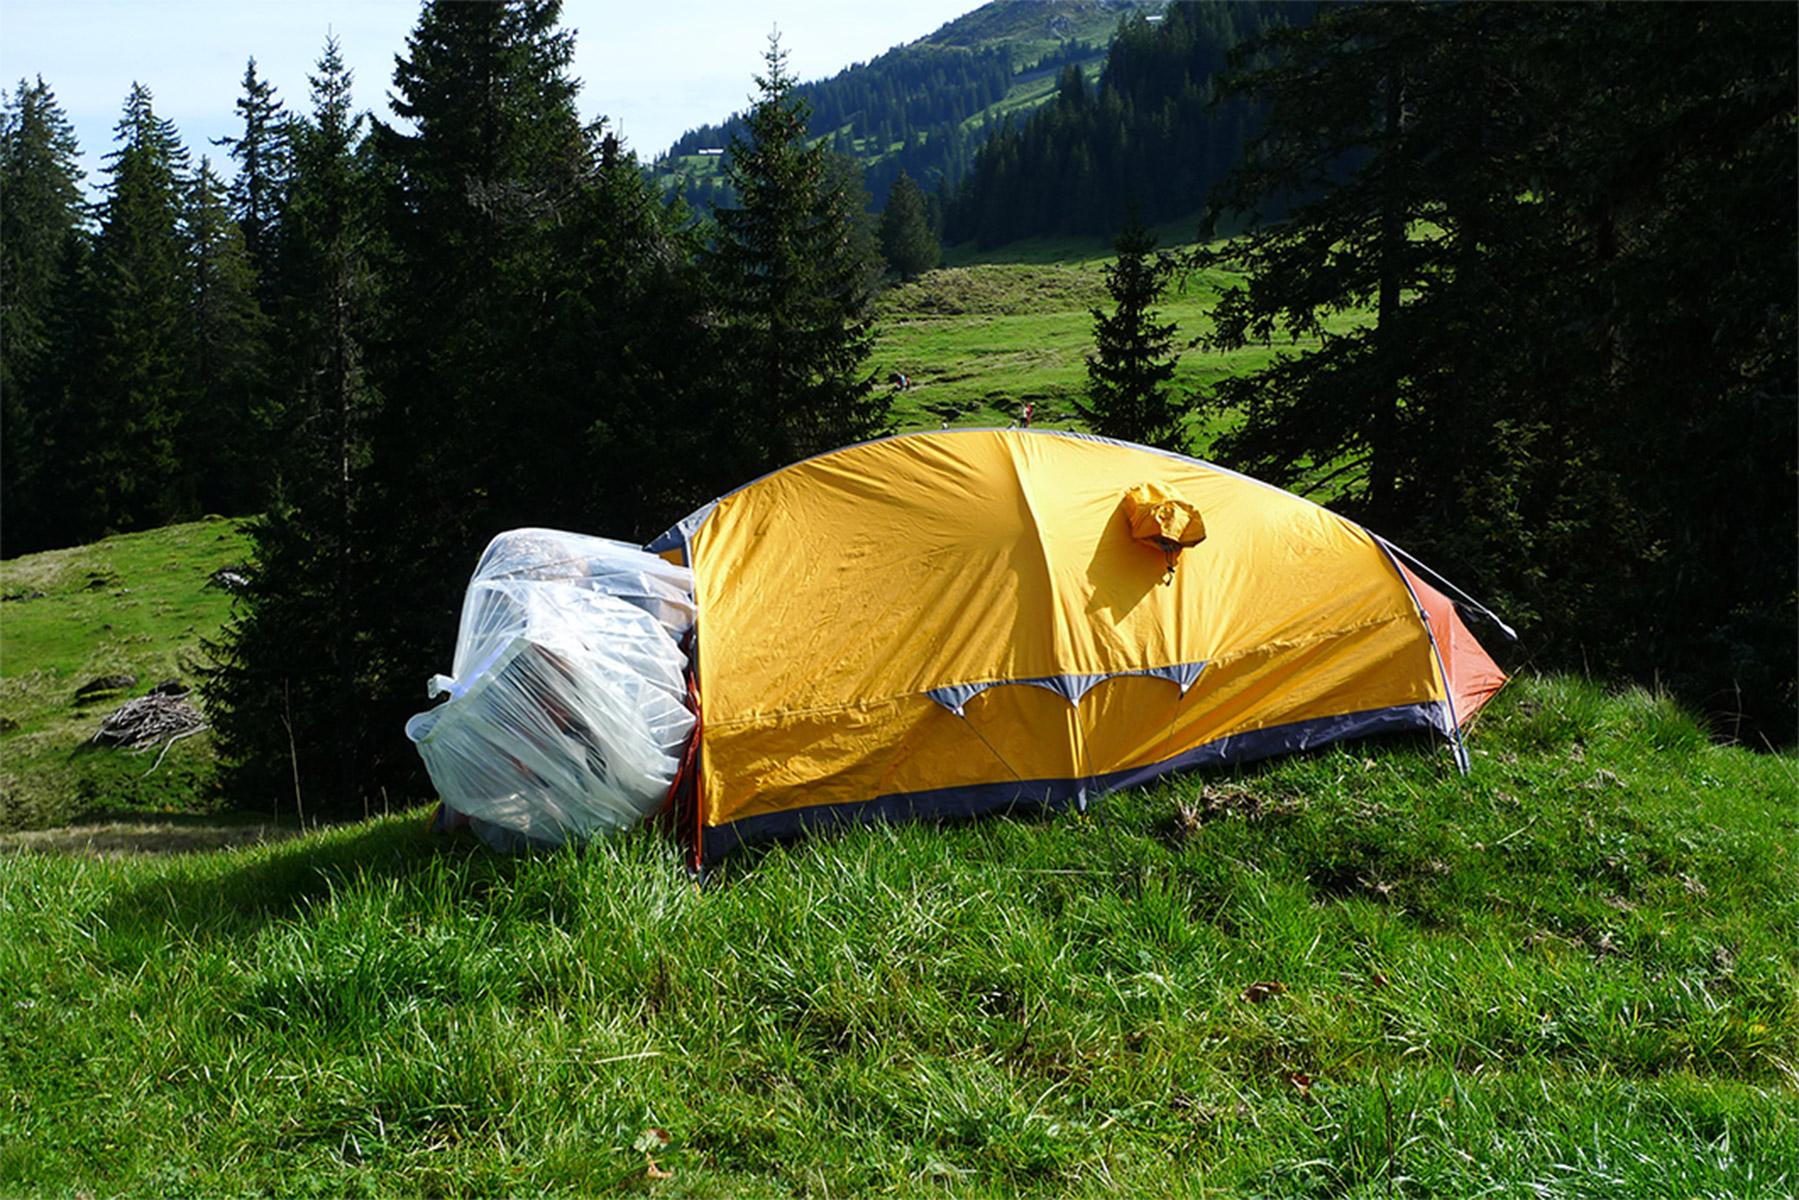 ein Gedicht ertönt: seinen eigenen Raum - Lebensraum - zu verteidigen gegenüber der Natur. Die eigene Schutzhülle nicht preisgeben wollen.... Olivia schlüpft durch das Zelt in ein durchsichtiges Etwas....